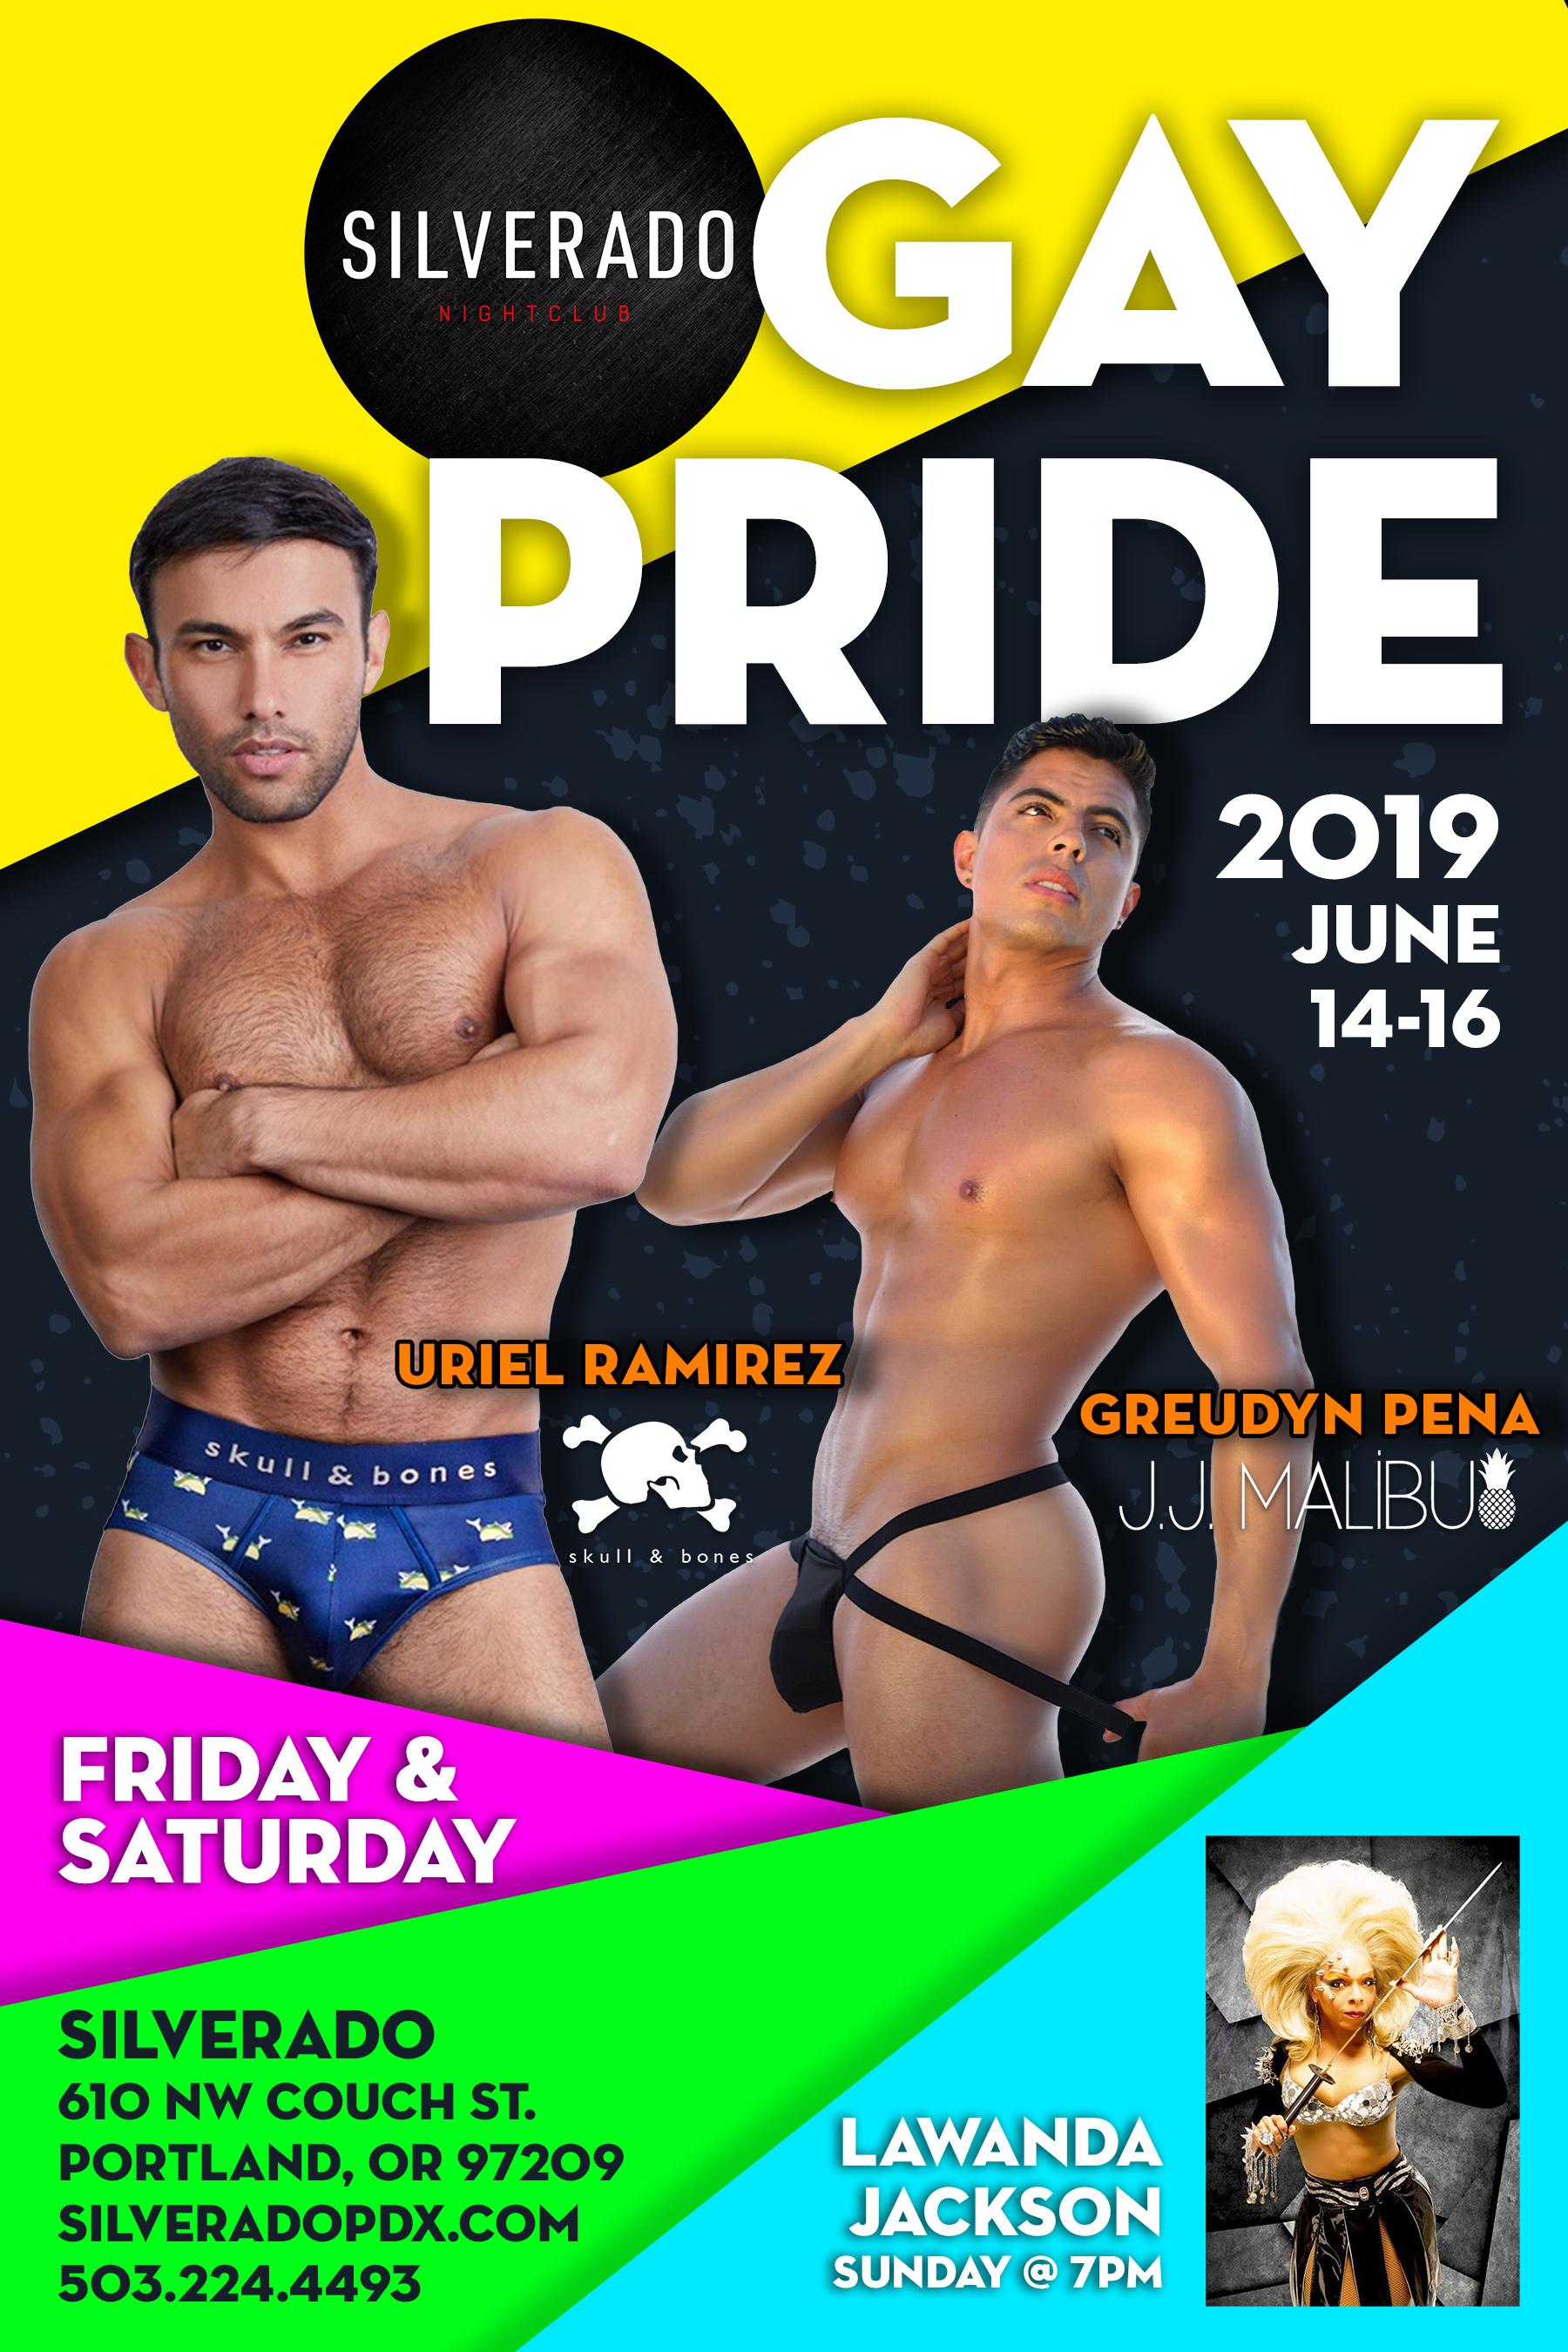 Silverado Pride Poster 2019@0,25x_2.jpg